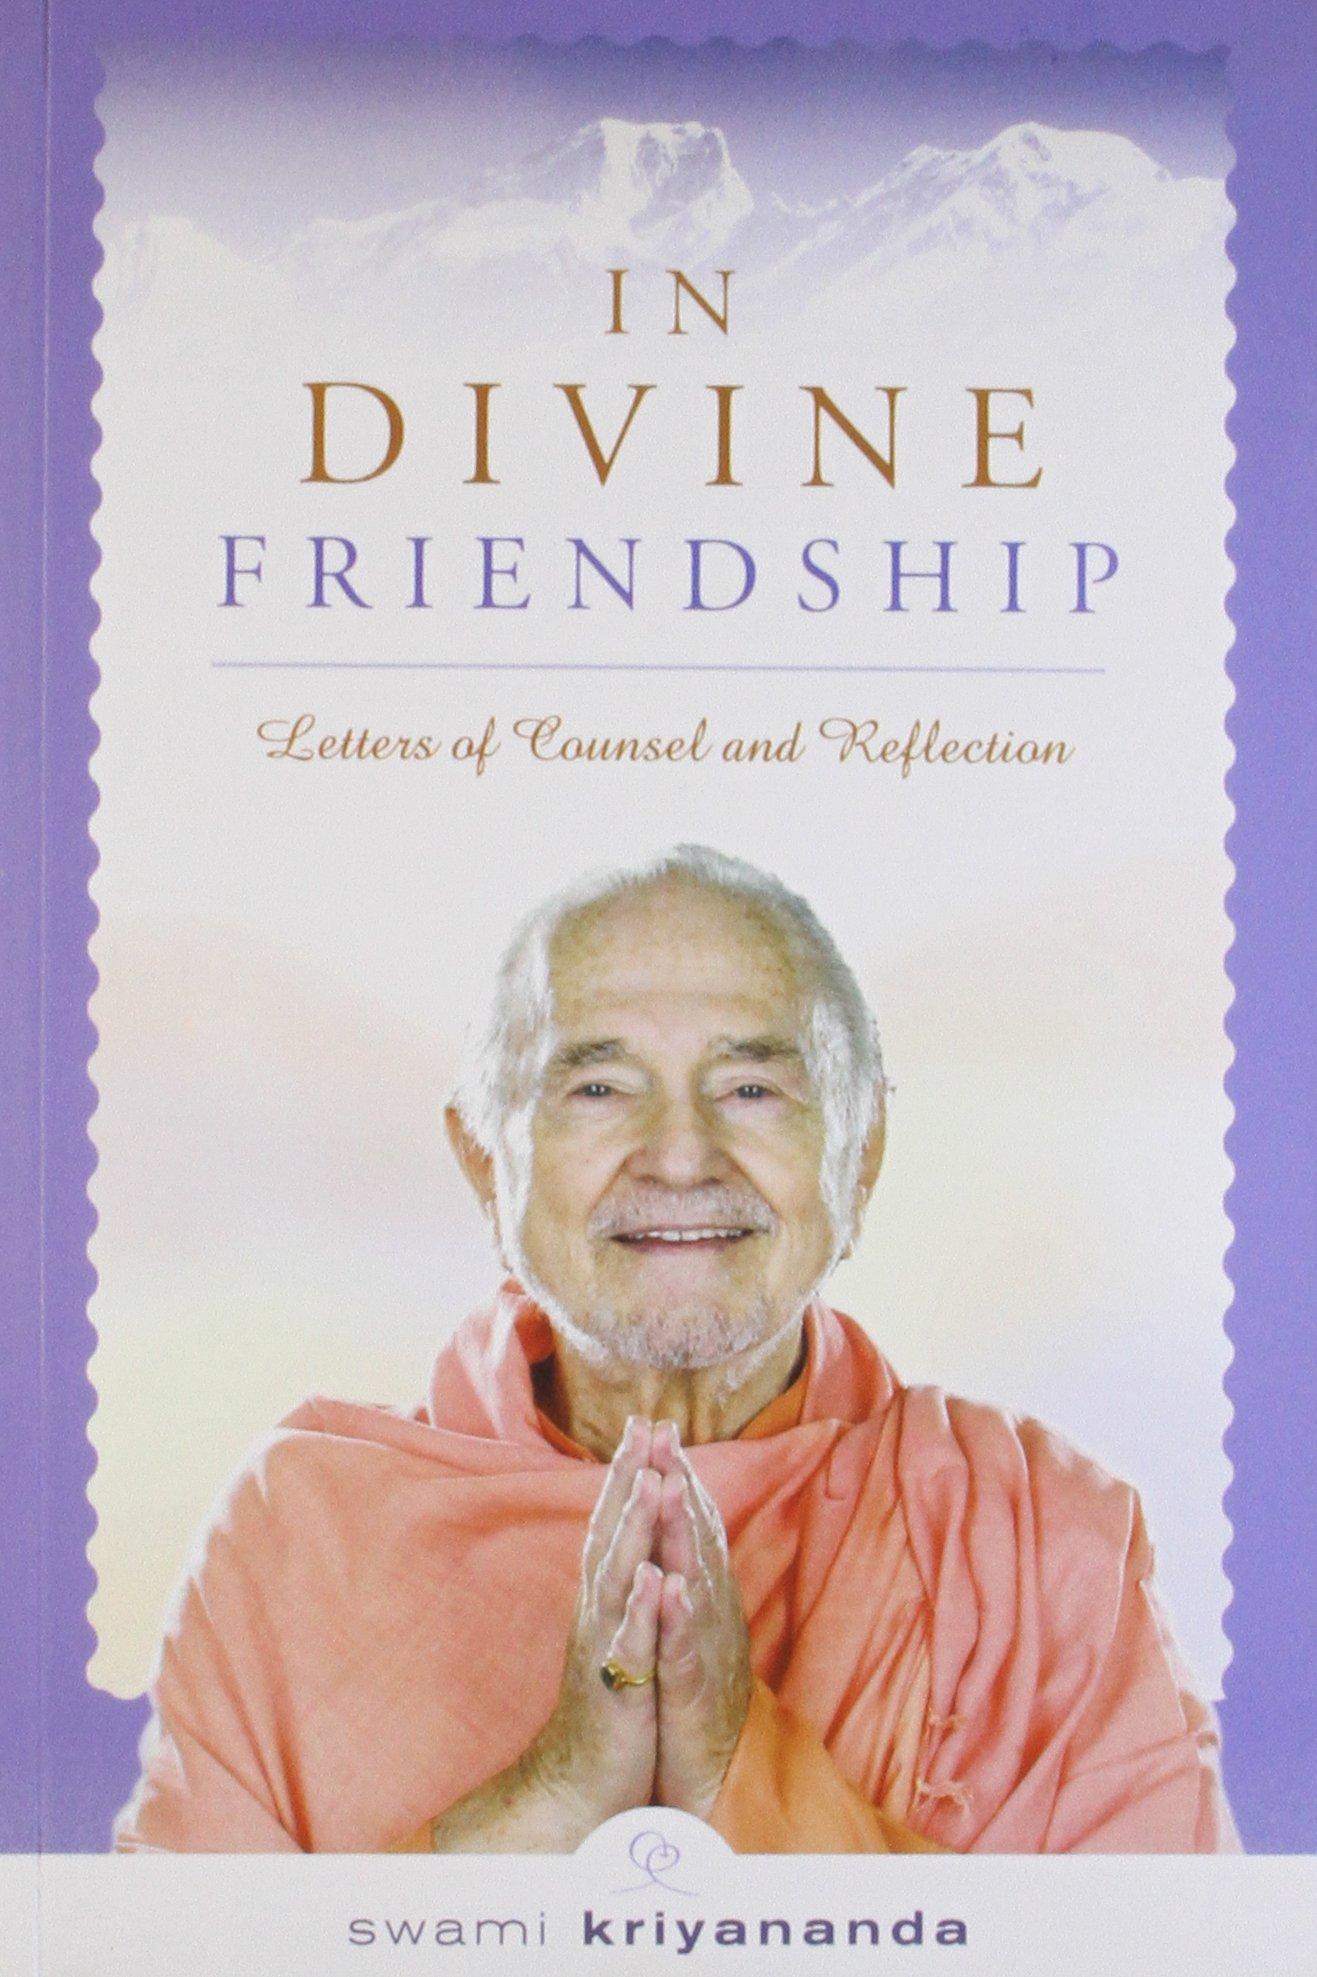 In Divine Friendship